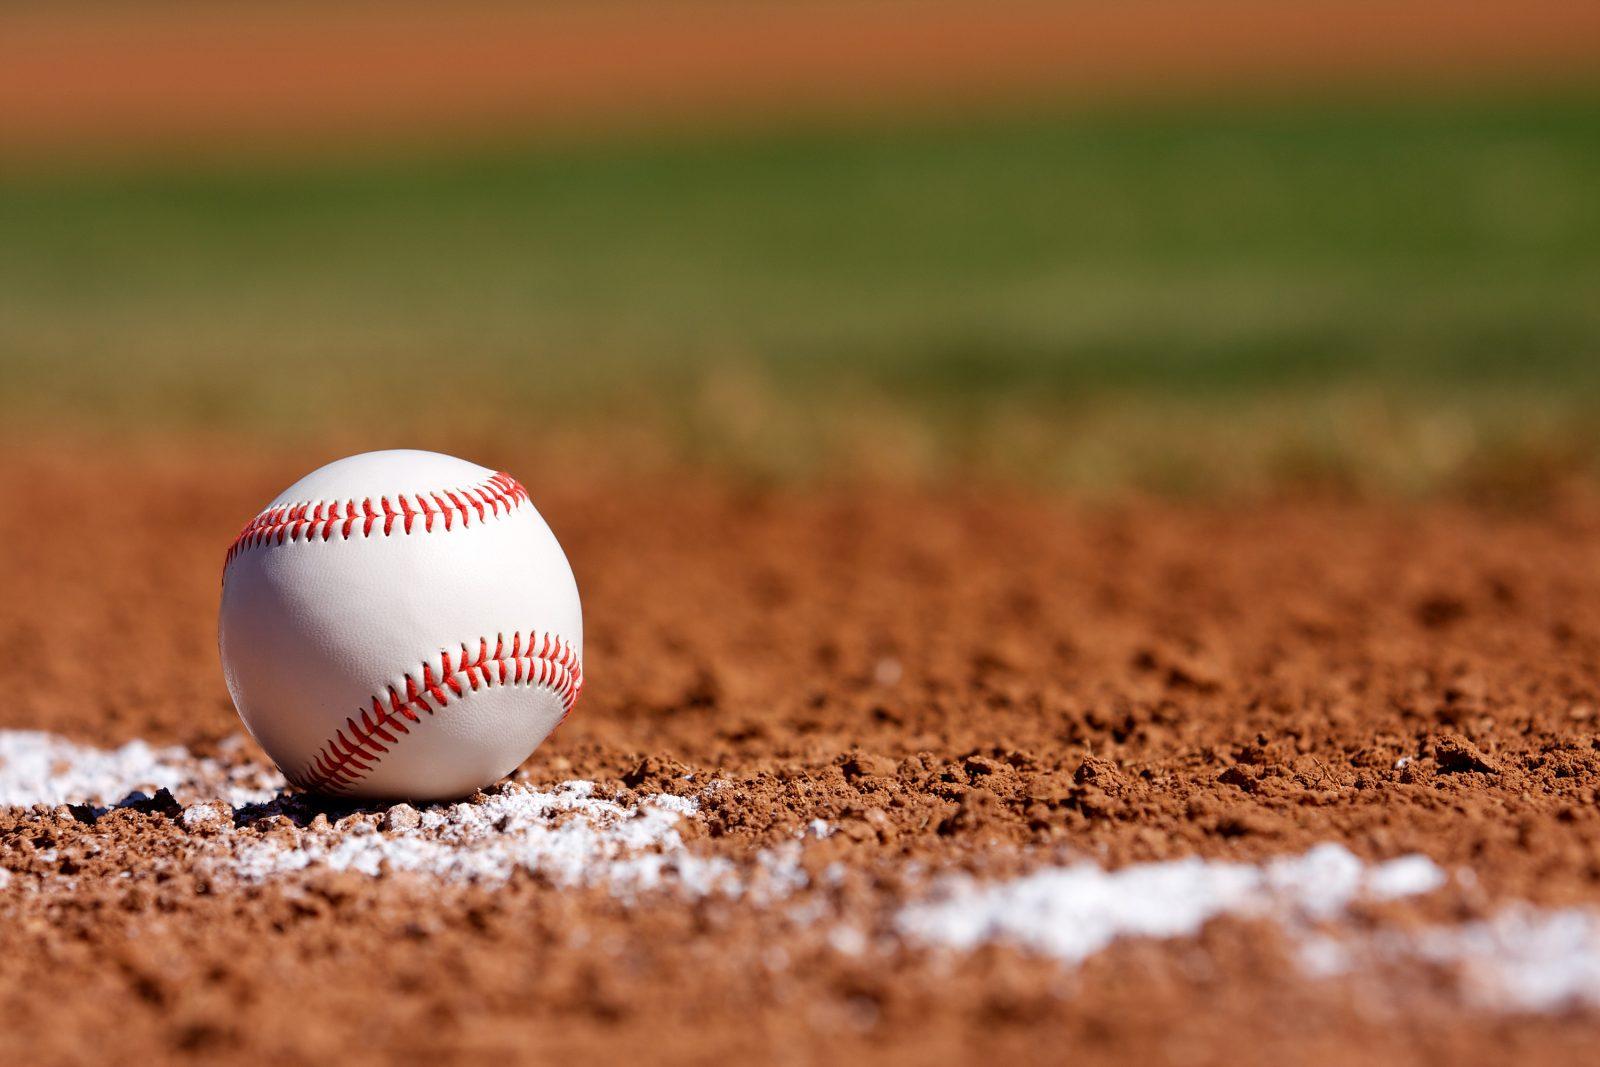 Výsledek obrázku pro baseball